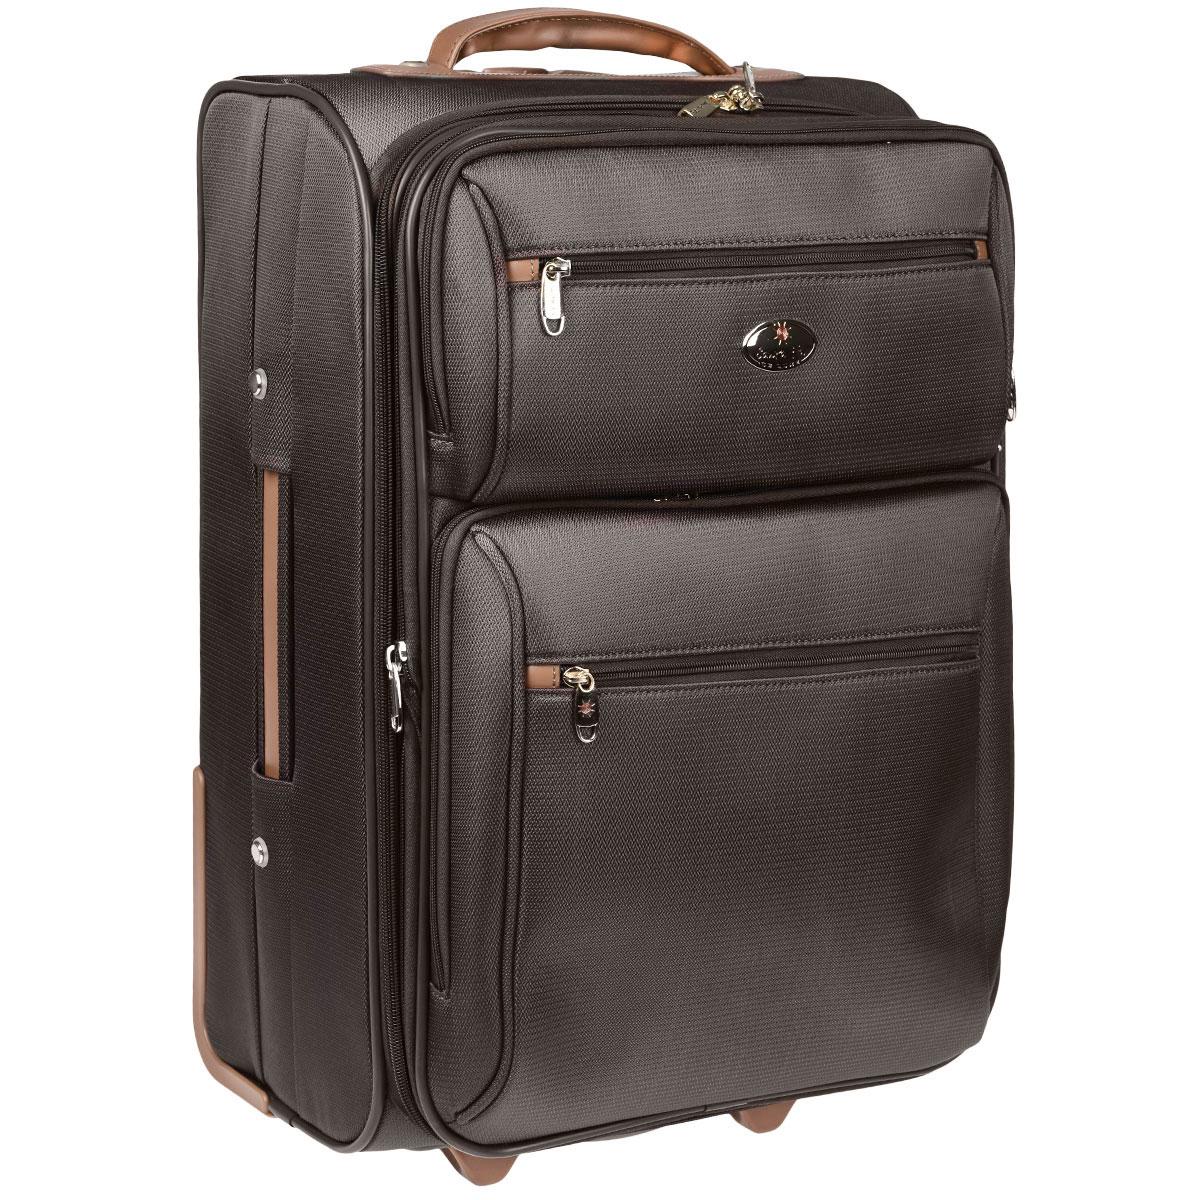 Чемодан-тележка Santa Fe De Luxe, L04545/21, коричневыйL04545/21 коричневыйЧемодан Santa Fe De Luxe, изготовленный из плотного полиэстера, идеально подходит для поездок и путешествий. Застегивается чемодан за молнию, бегунки которой соединяются при помощи навесного замочка, входящего в комплект. Внутри чемодан состоит из одного главного отделения с двумя эластичными багажными ремнями, соединяющимися при помощи пластикового карабина, сбоку отделения имеется сетчатый карман на застежке- молнии. На крышке, с внутренней стороны, также предусмотрен большой сетчатый карман, застегивающийся на молнию. В комплект прилагается металлическая вешалка. С внешней стороны на крышке предусмотрена круговая молния, позволяющая увеличить объем чемодана на 20%. Также с лицевой стороны имеются три дополнительных кармана, закрывающихся на молнии с двумя бегунками. Со стороны выдвижной ручки имеется окошко с ярлычком для записи данных владельца. Чемодан оснащен выдвижной ручкой и двумя пластиковыми колесами, которые обеспечивают легкость ...